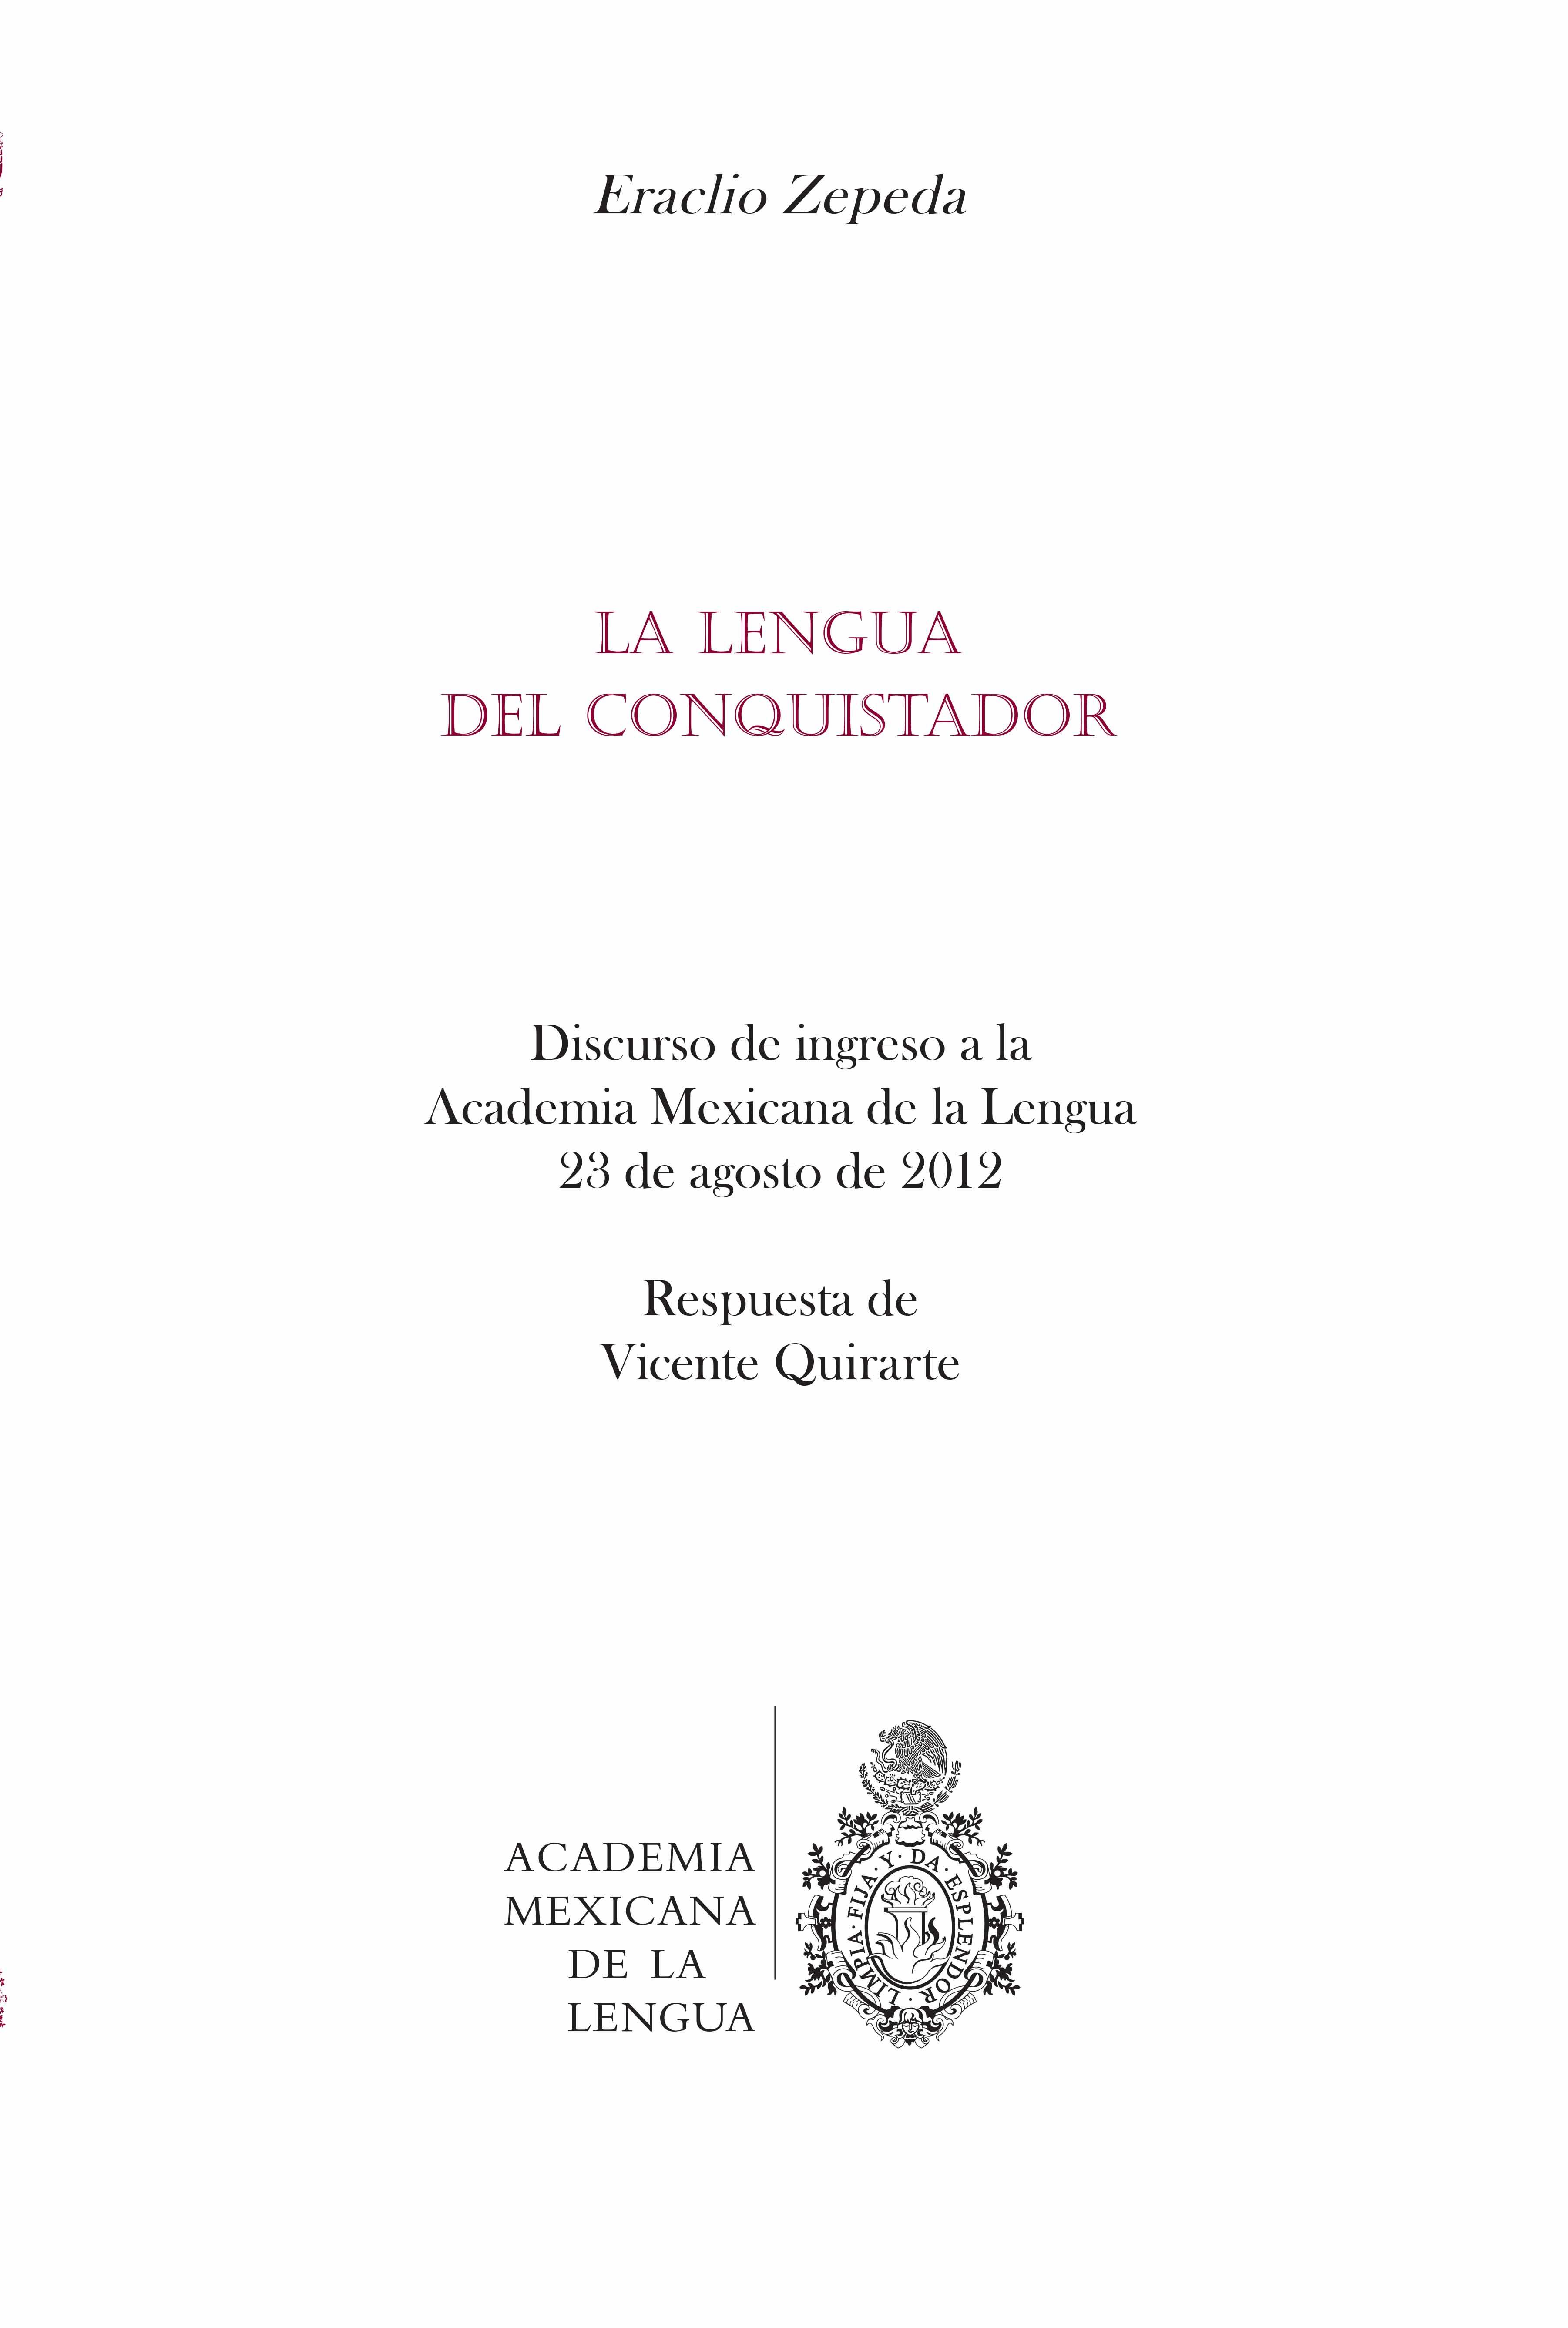 La lengua del conquistador. Discurso de ingreso a la Academia Mexicana de la Lengua, 23 de agosto de 2012